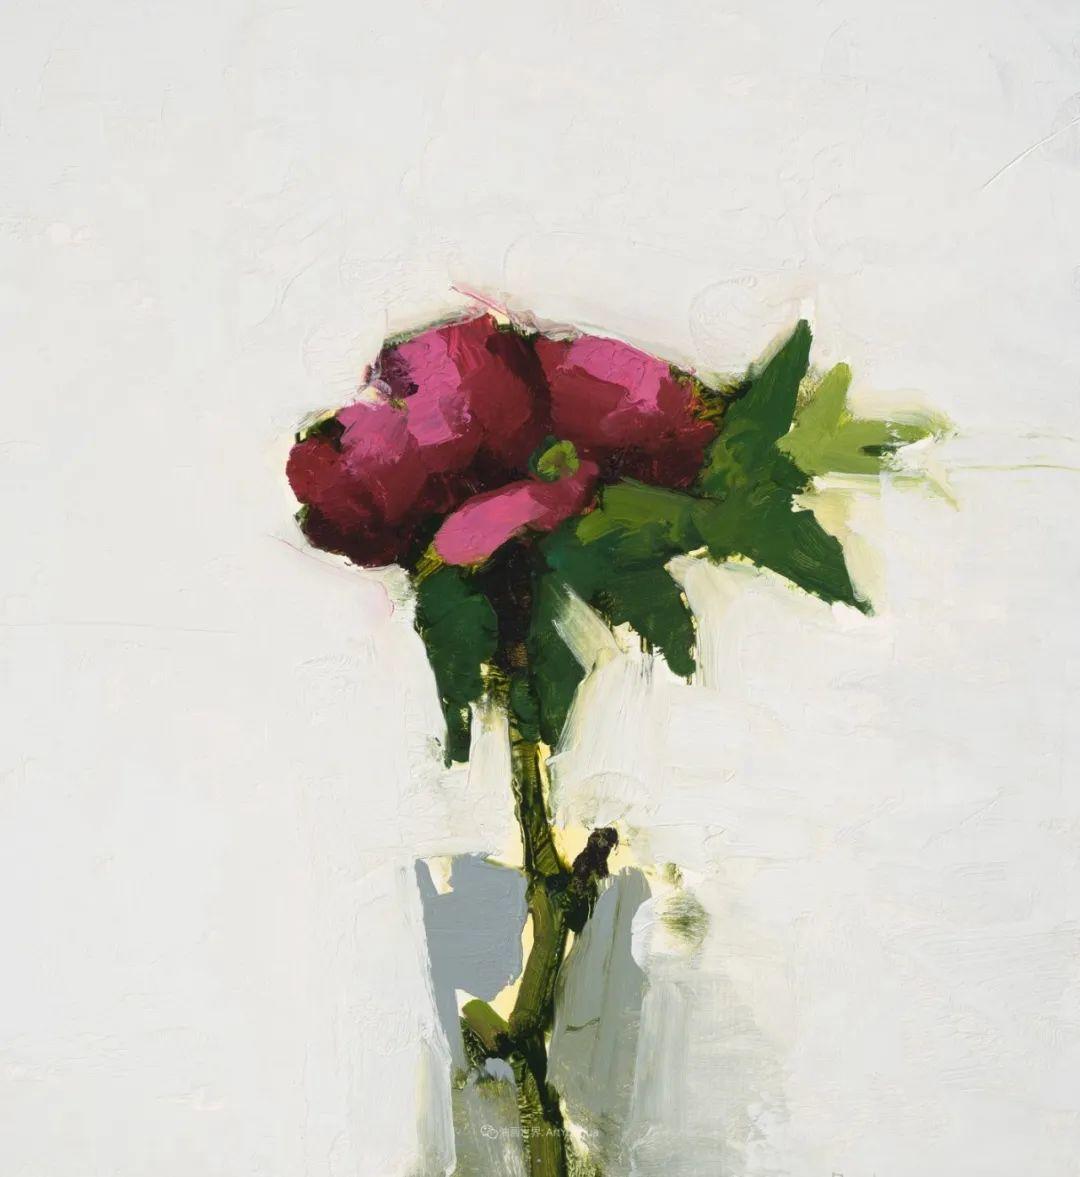 简约宁静 | 波兰画家斯坦利·比伦作品欣赏插图39